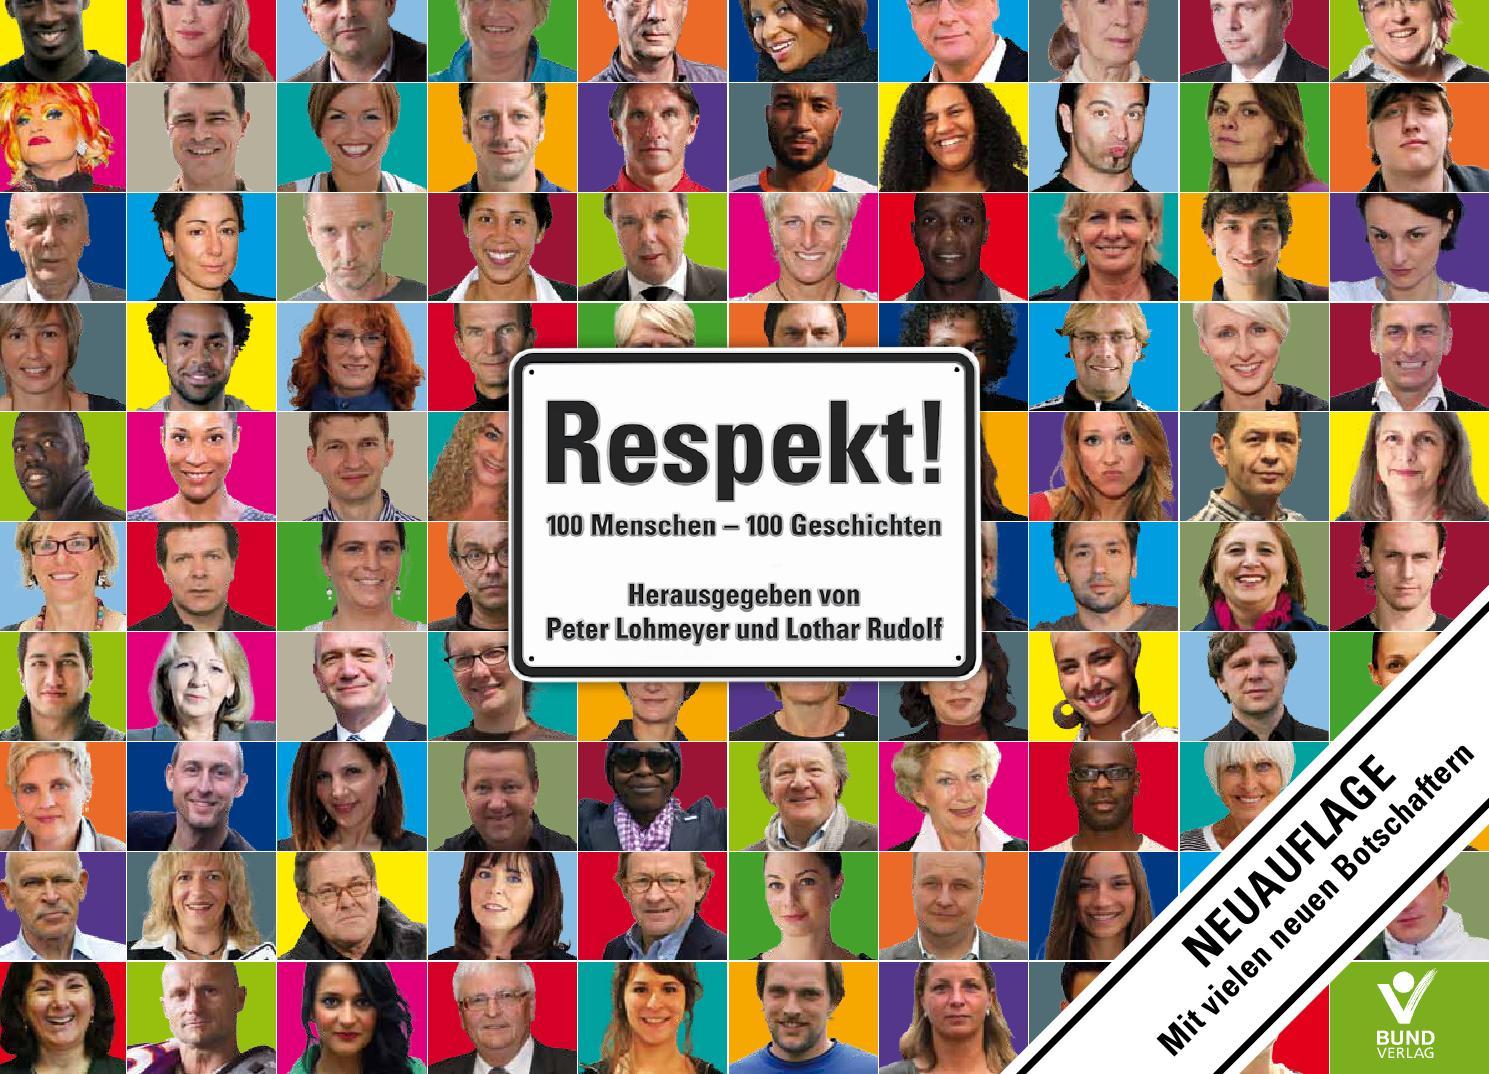 geile geschichten kostenlos lesen österreicher